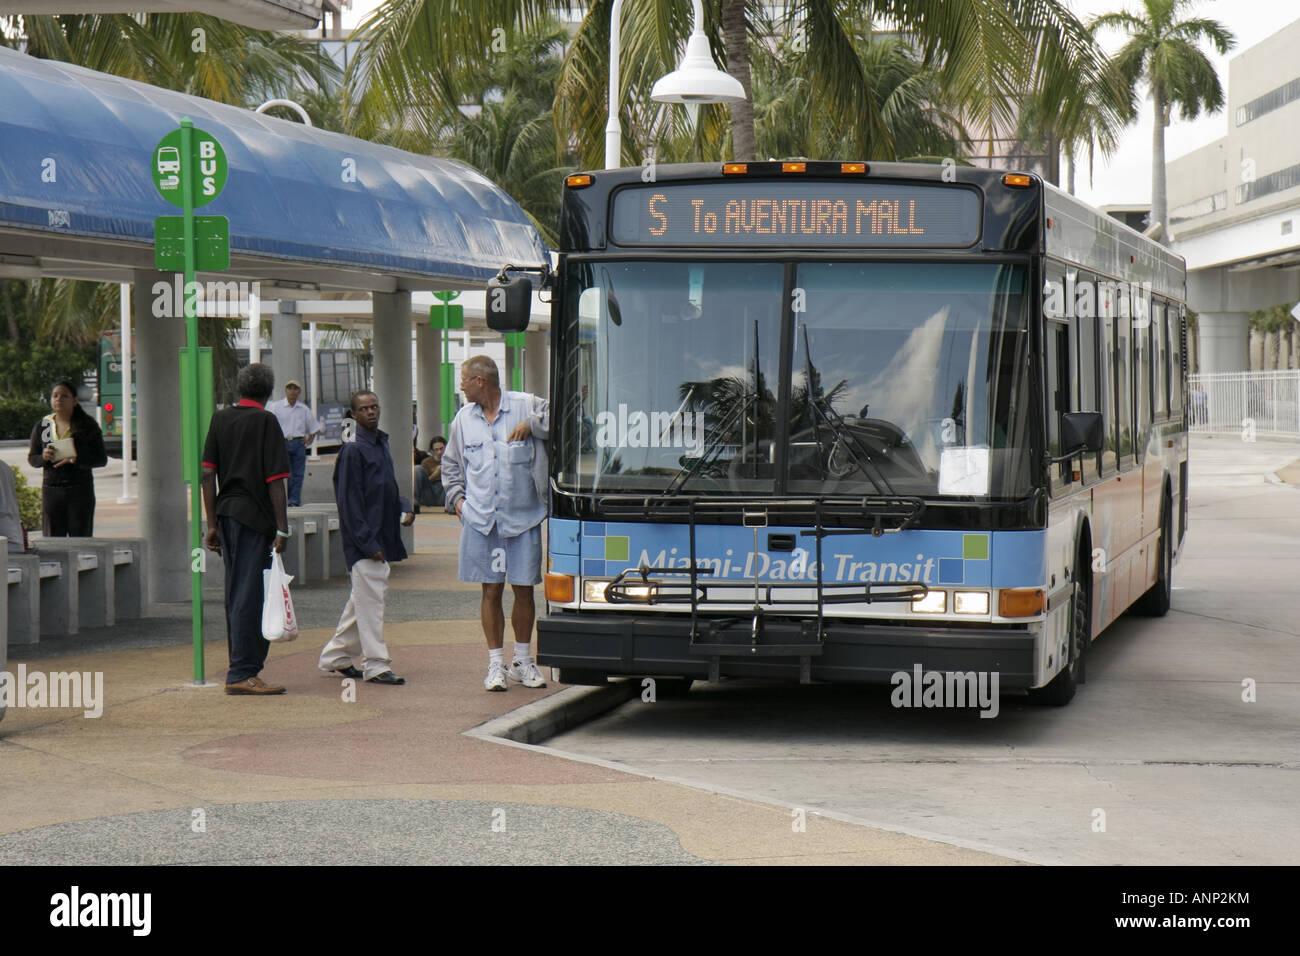 Miami Florida Omni Station Miami Dade Transit Metrobus